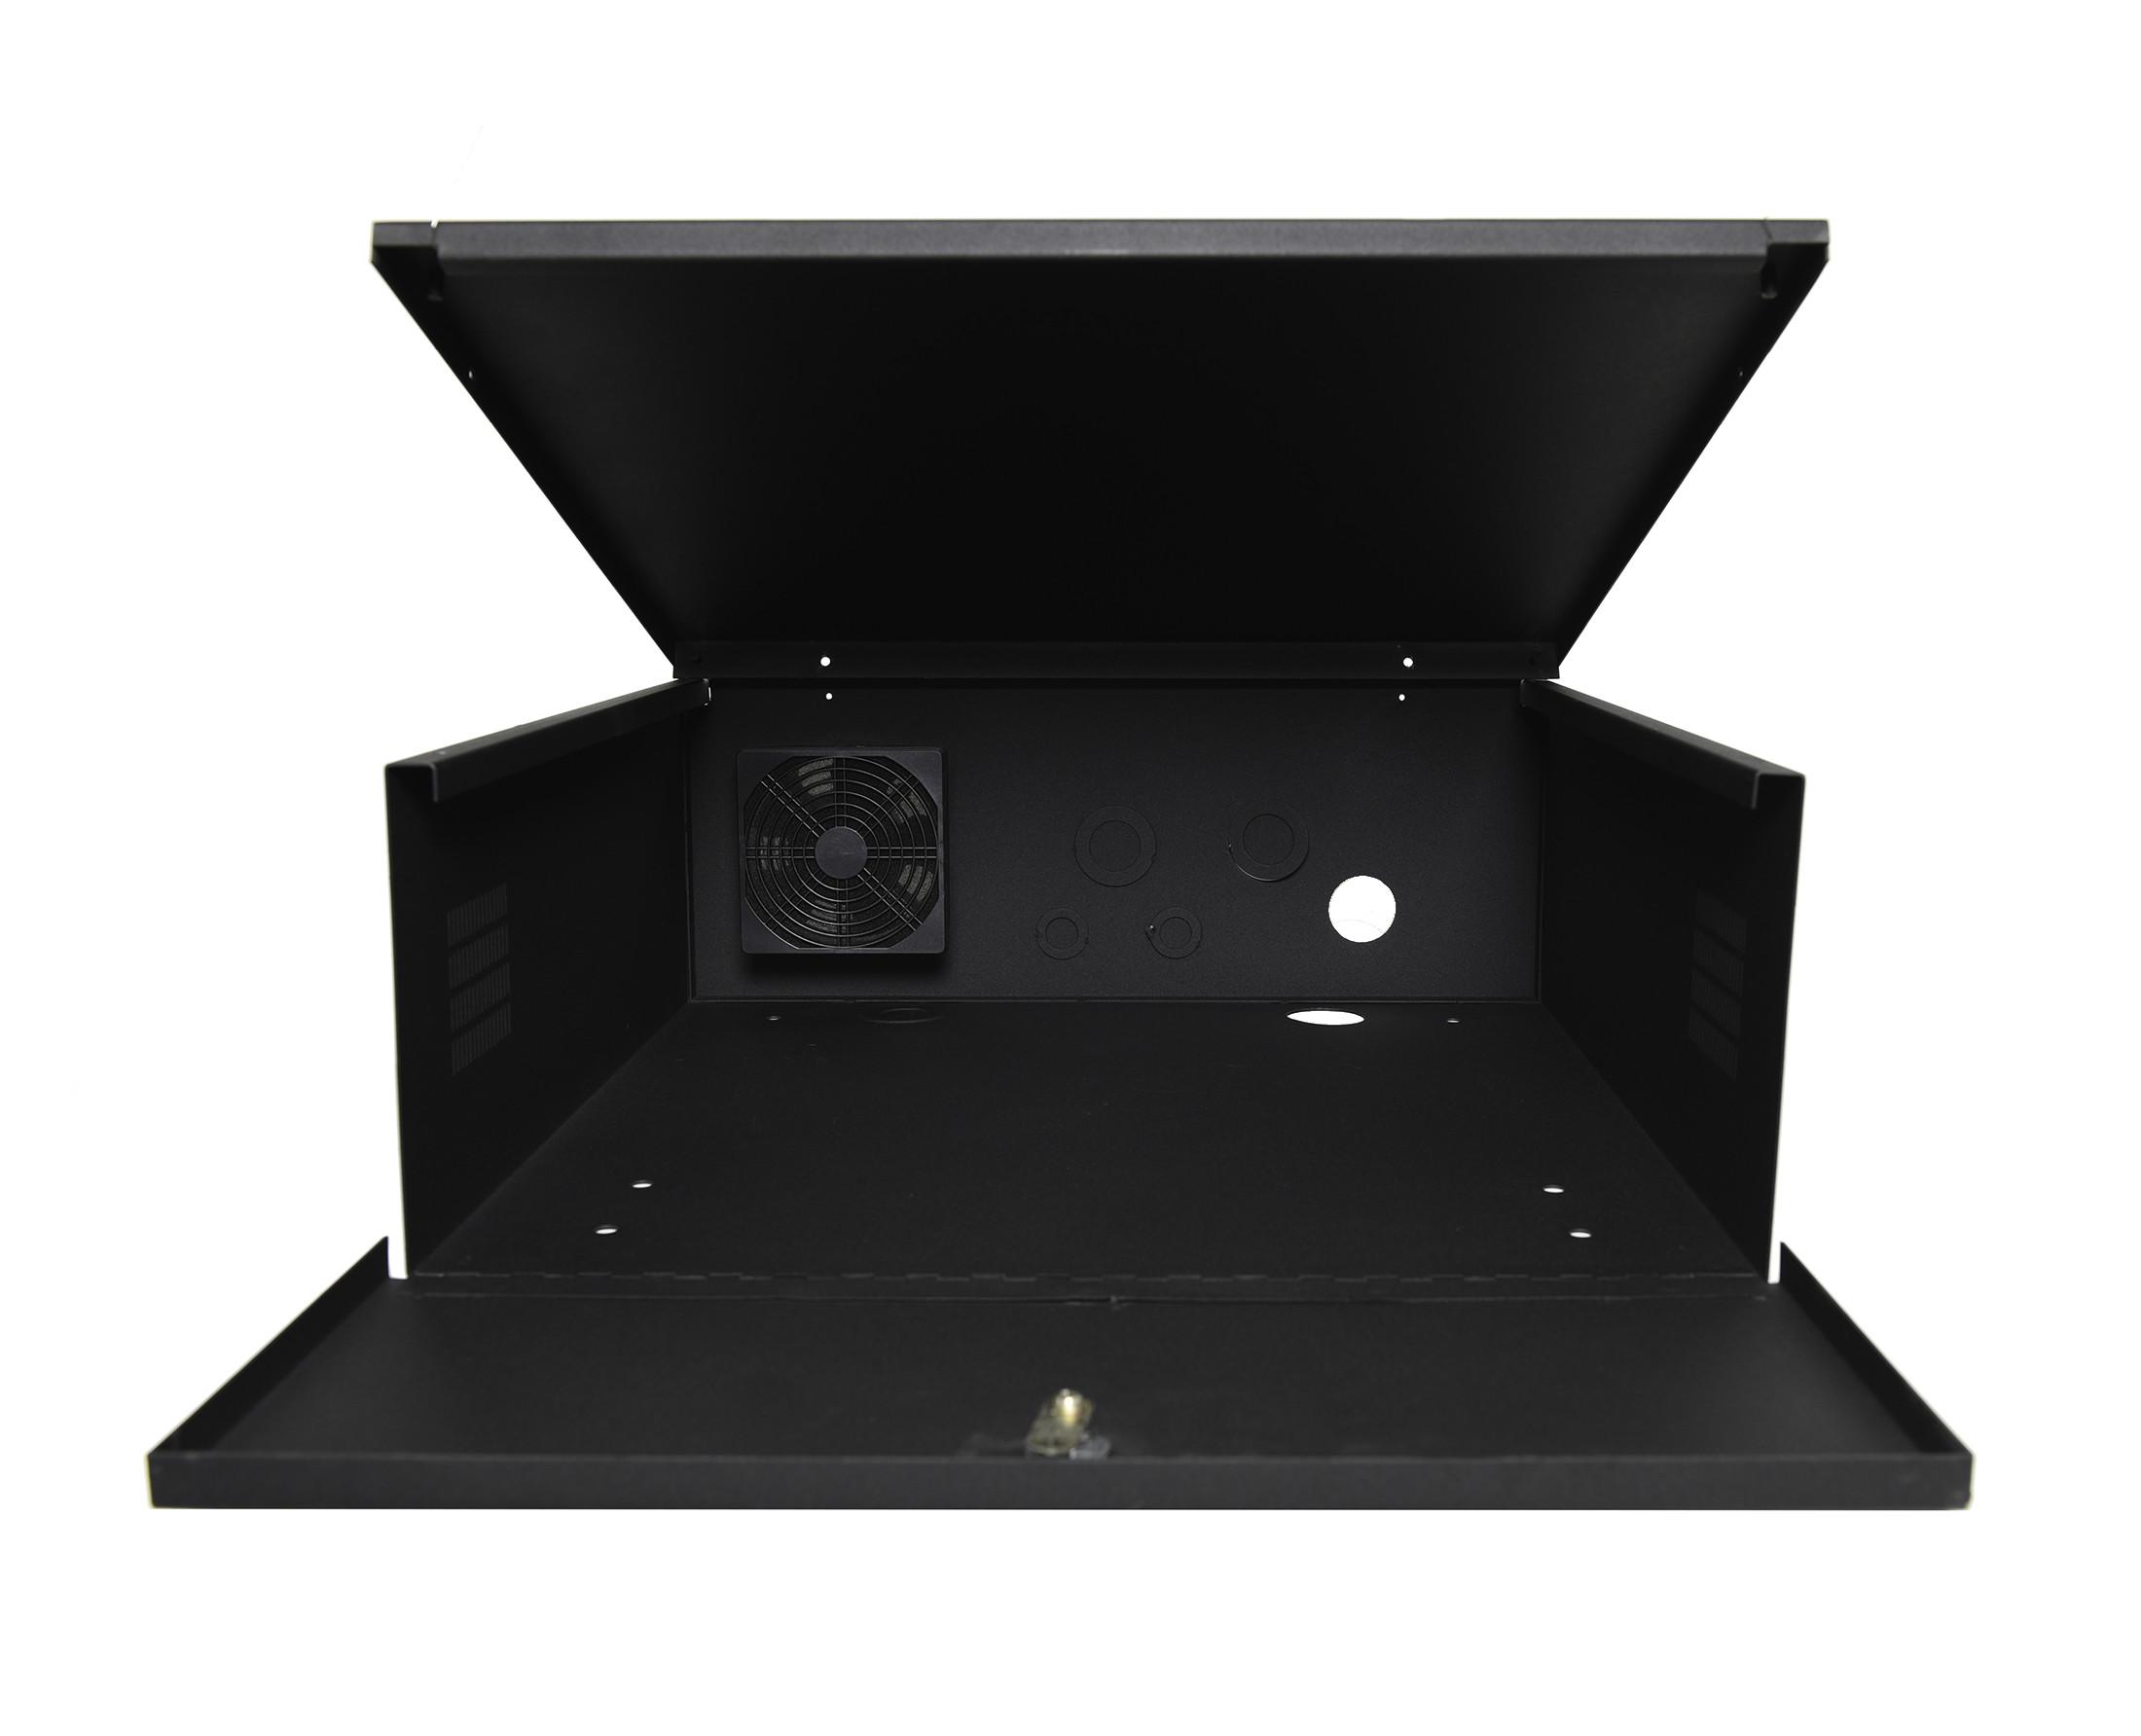 Dvr Lockbox With Cooling Fan 21 Quot W X 24 Quot L X 8 Quot H